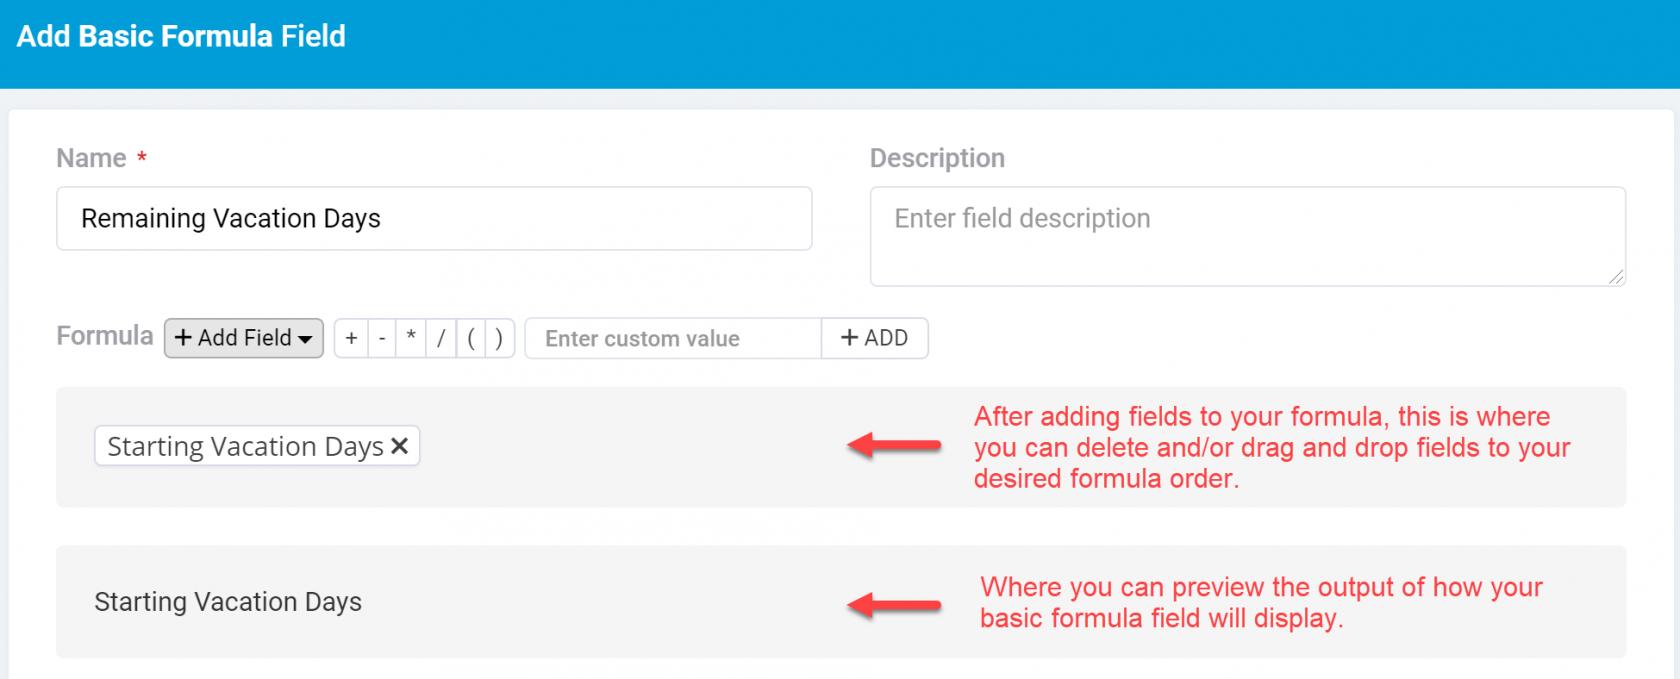 add-basic-formula-2.png